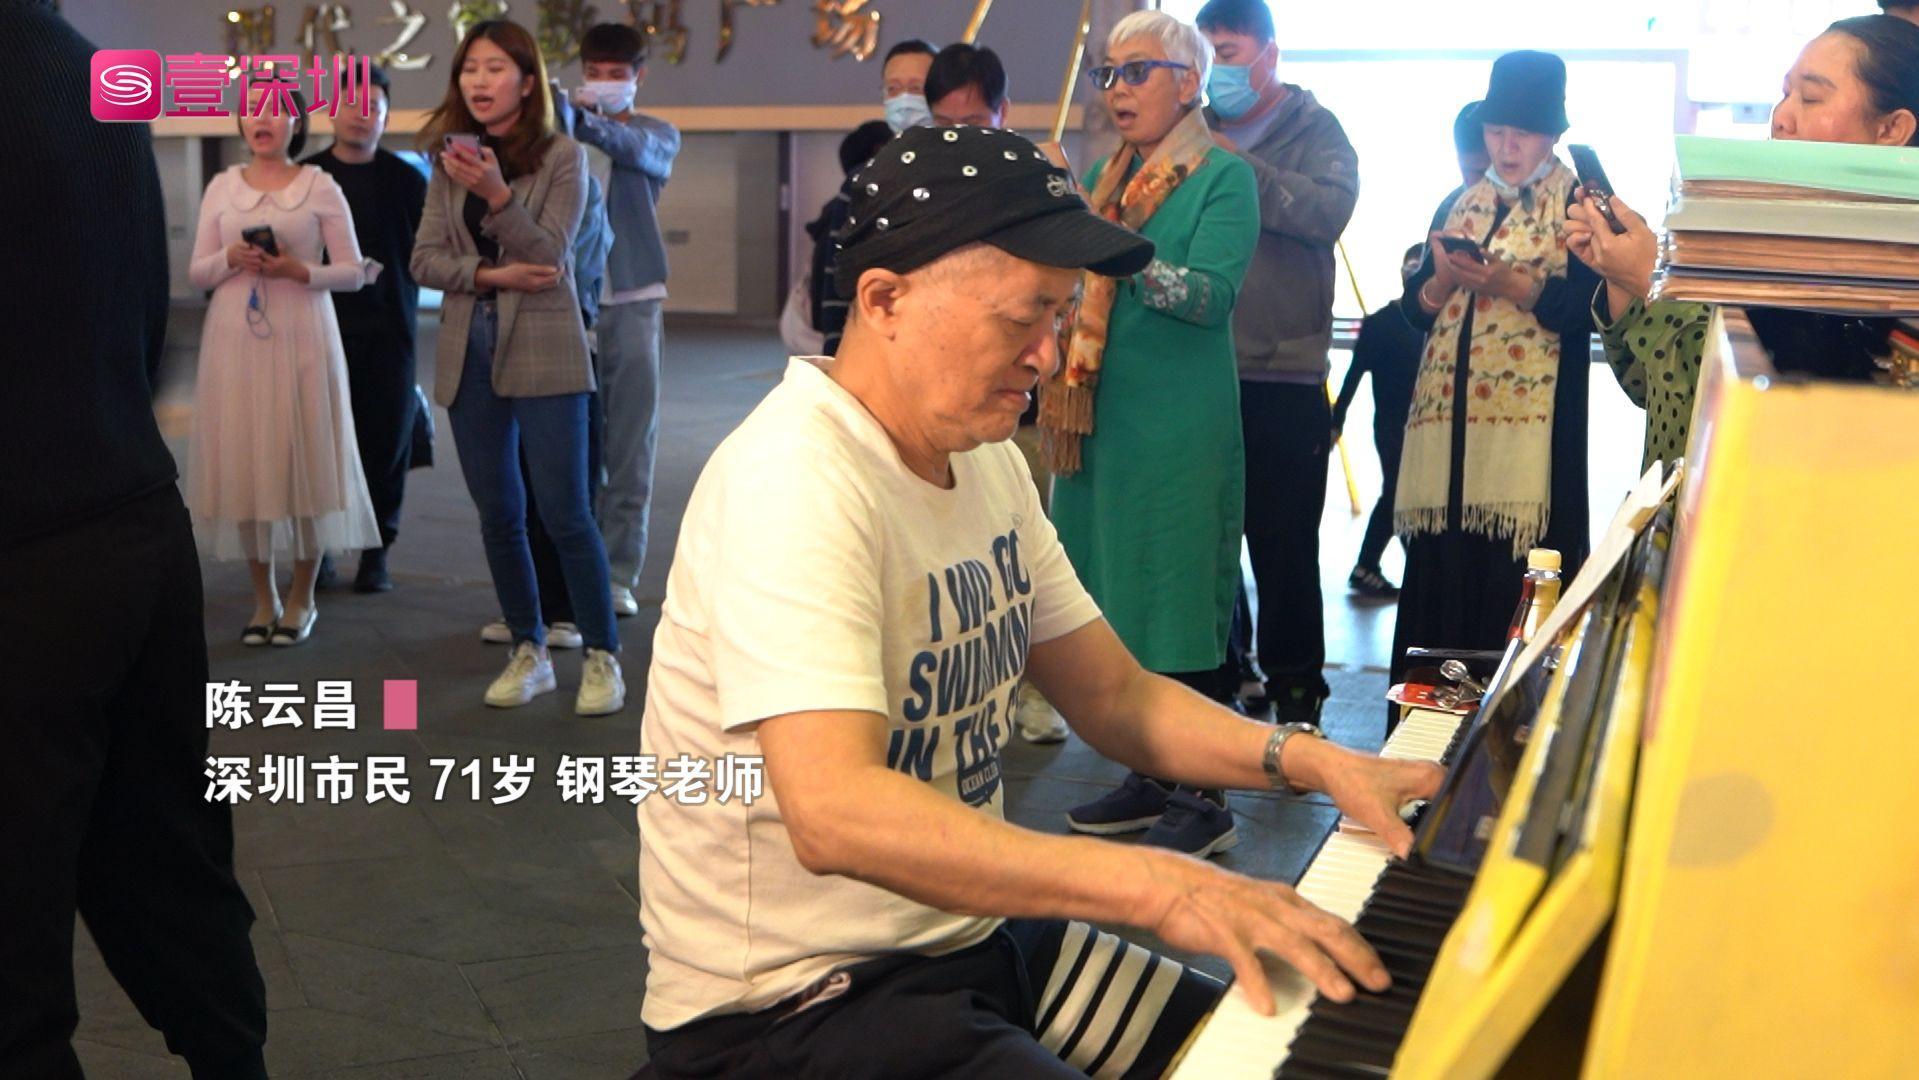 燃!七旬老人华强北弹奏红歌庆祝建党100周年